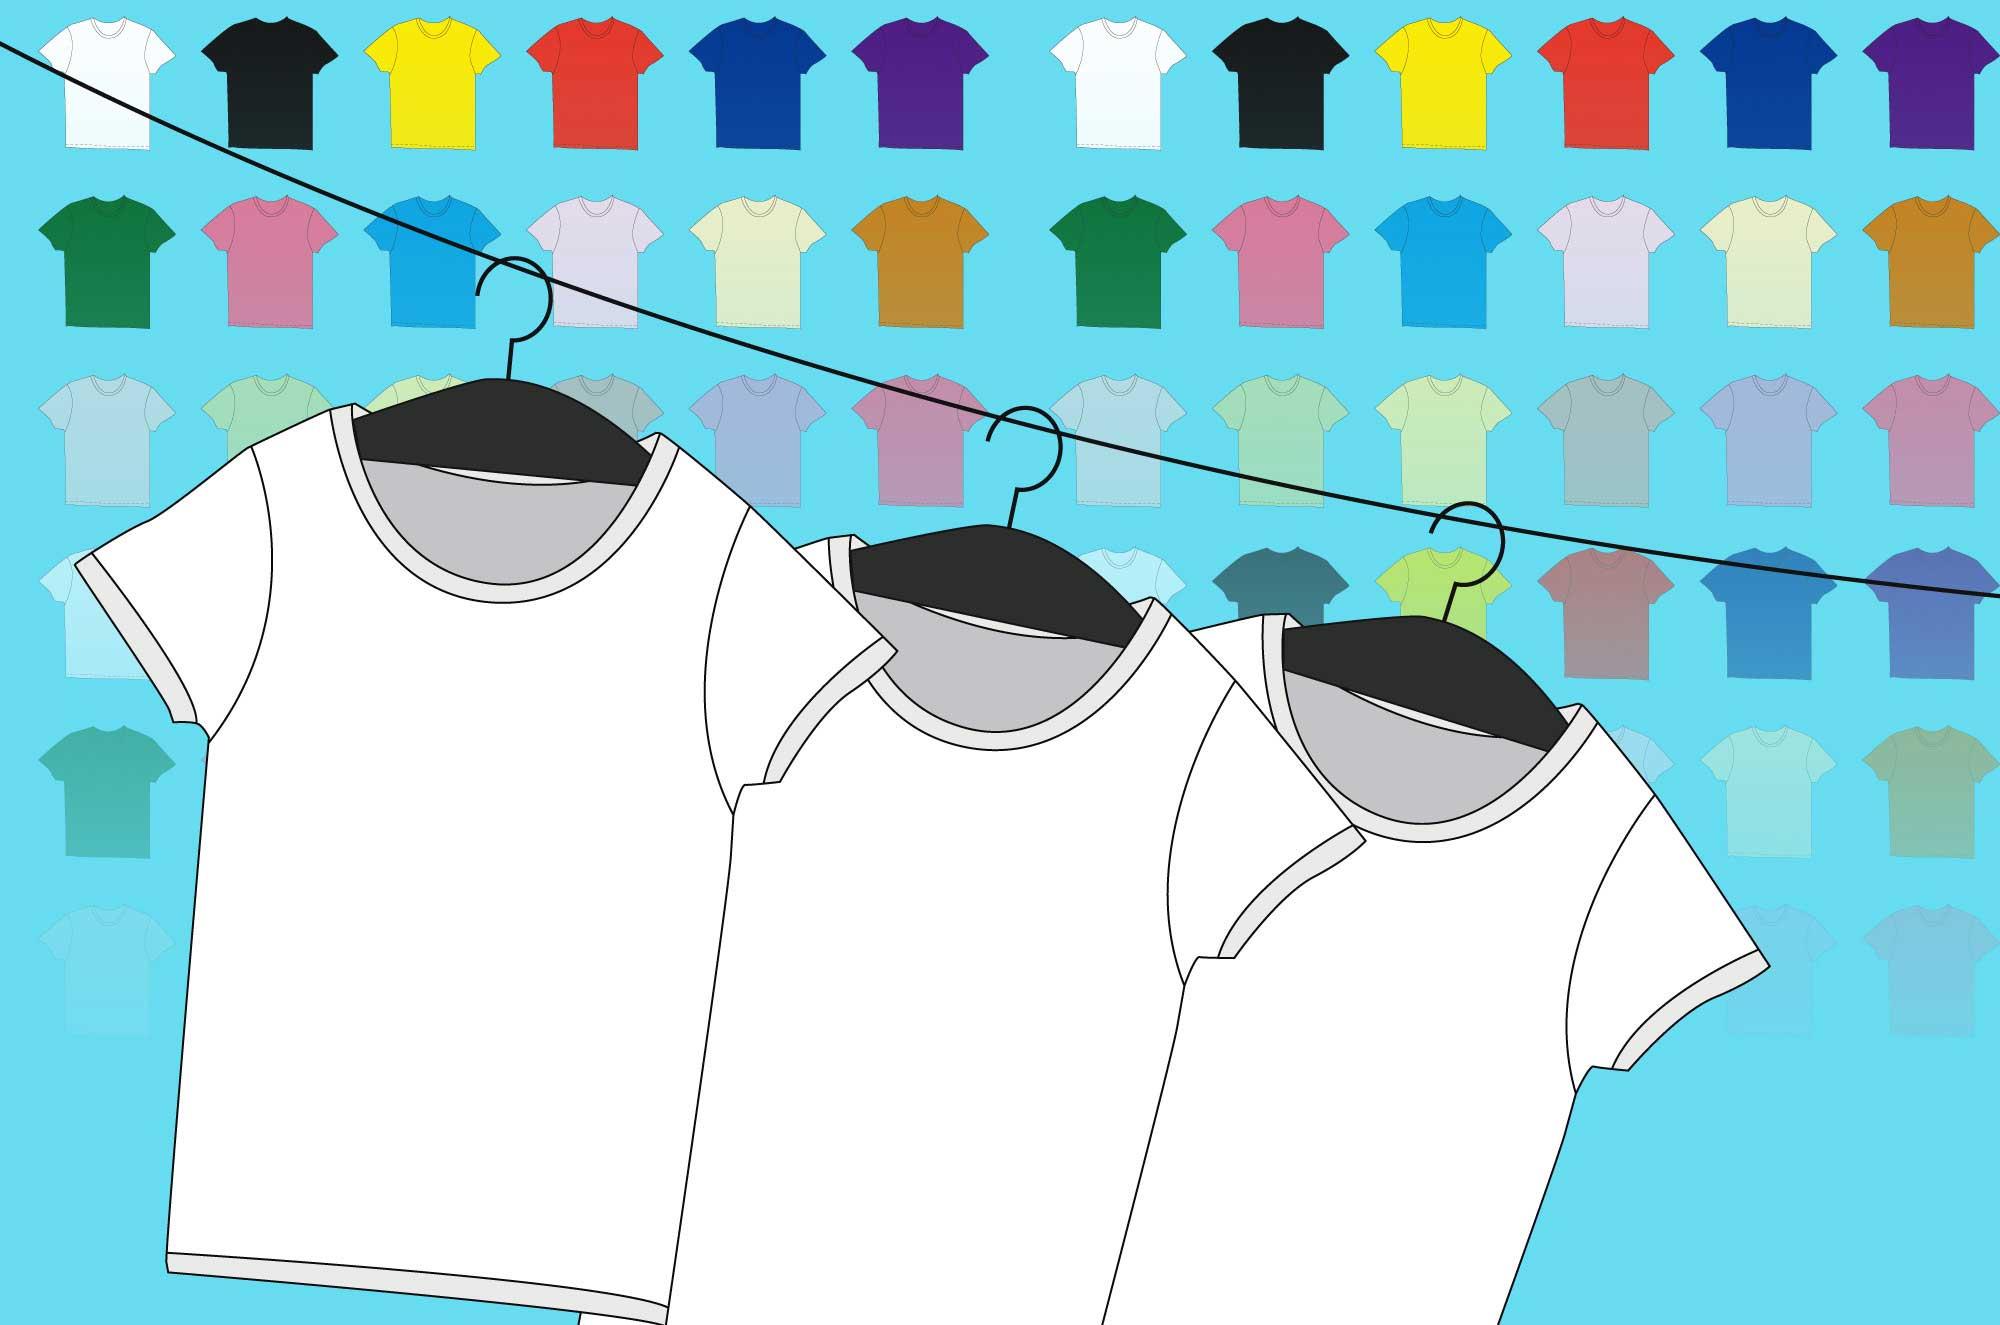 Tシャツイラスト - デザインラフテンプレート素材集!